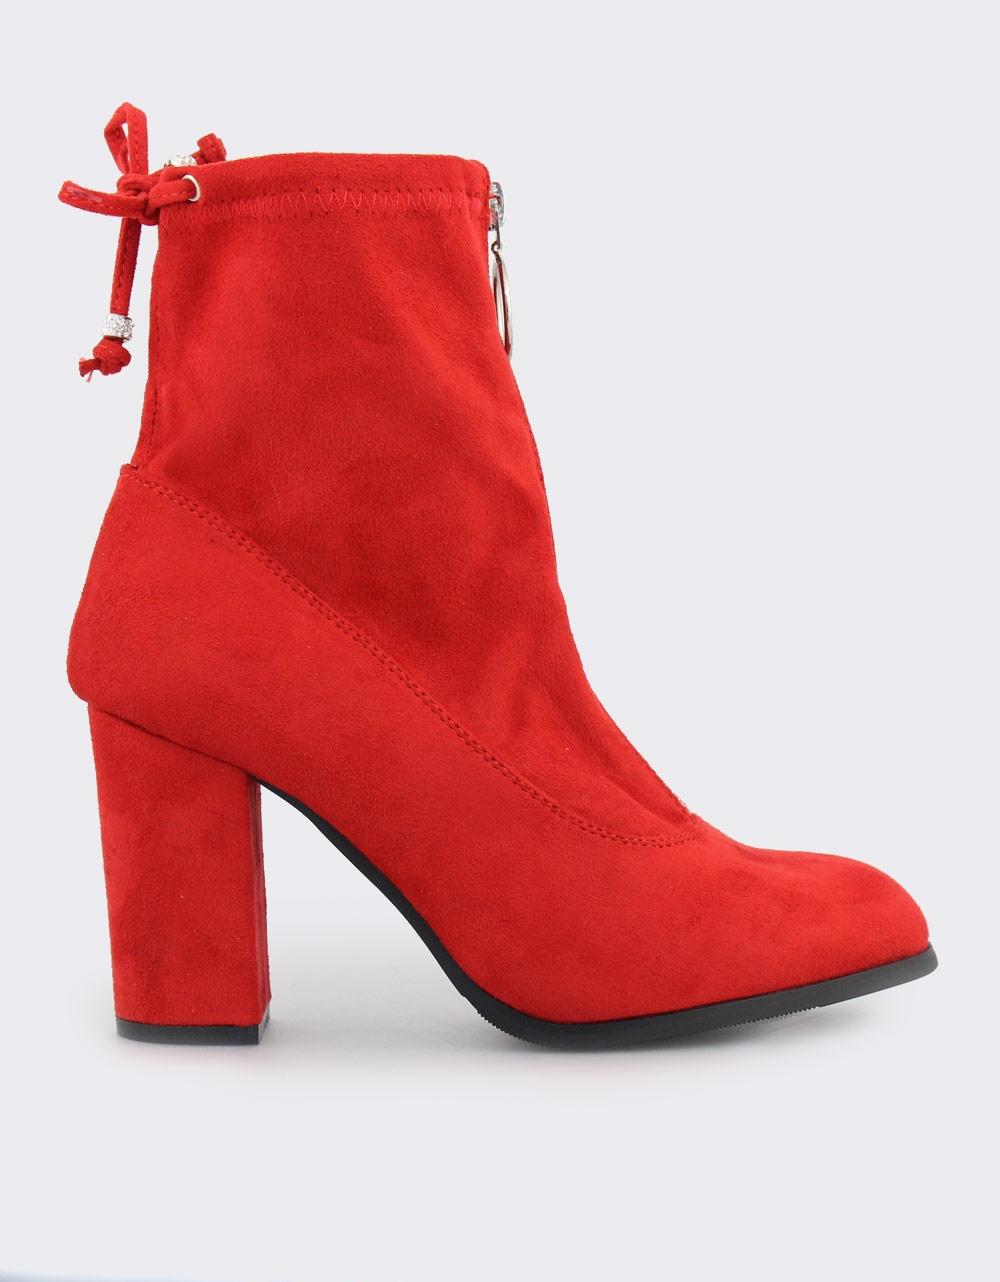 Εικόνα από Γυναικεία μποτάκια με φερμουάρ Κόκκινο 48b27b2b2af